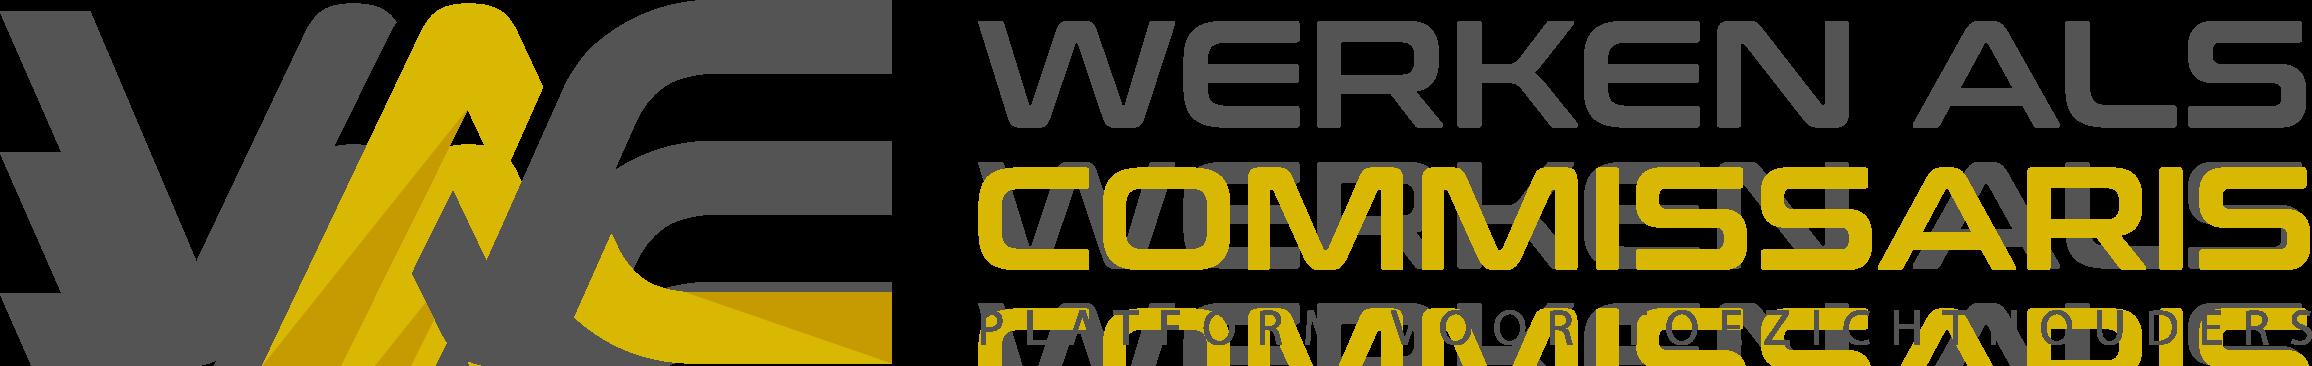 logo werken als commissaris - platform voor de toezichthouder